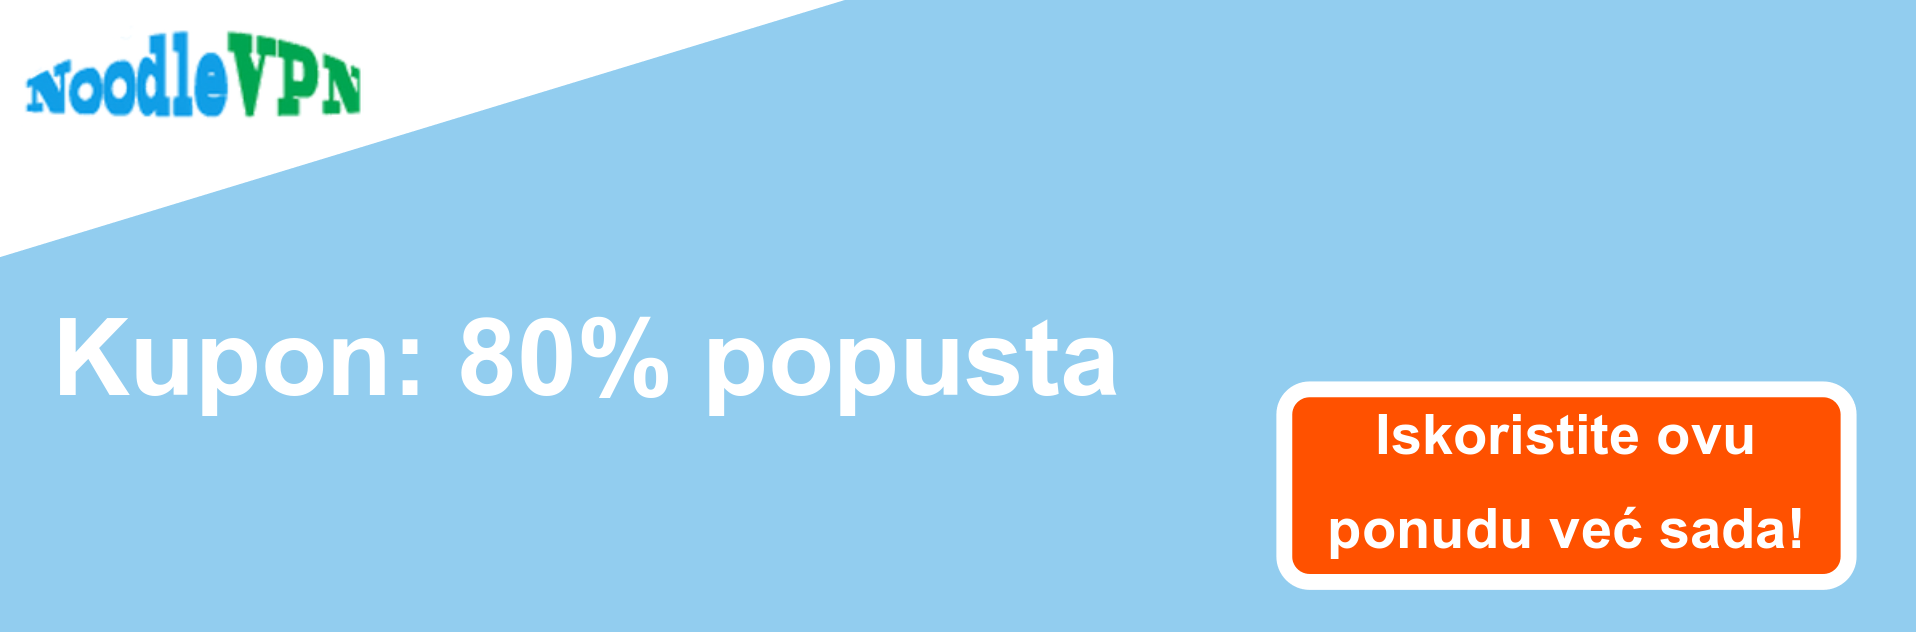 Banner kupona NoodleVPN - popust od 80%